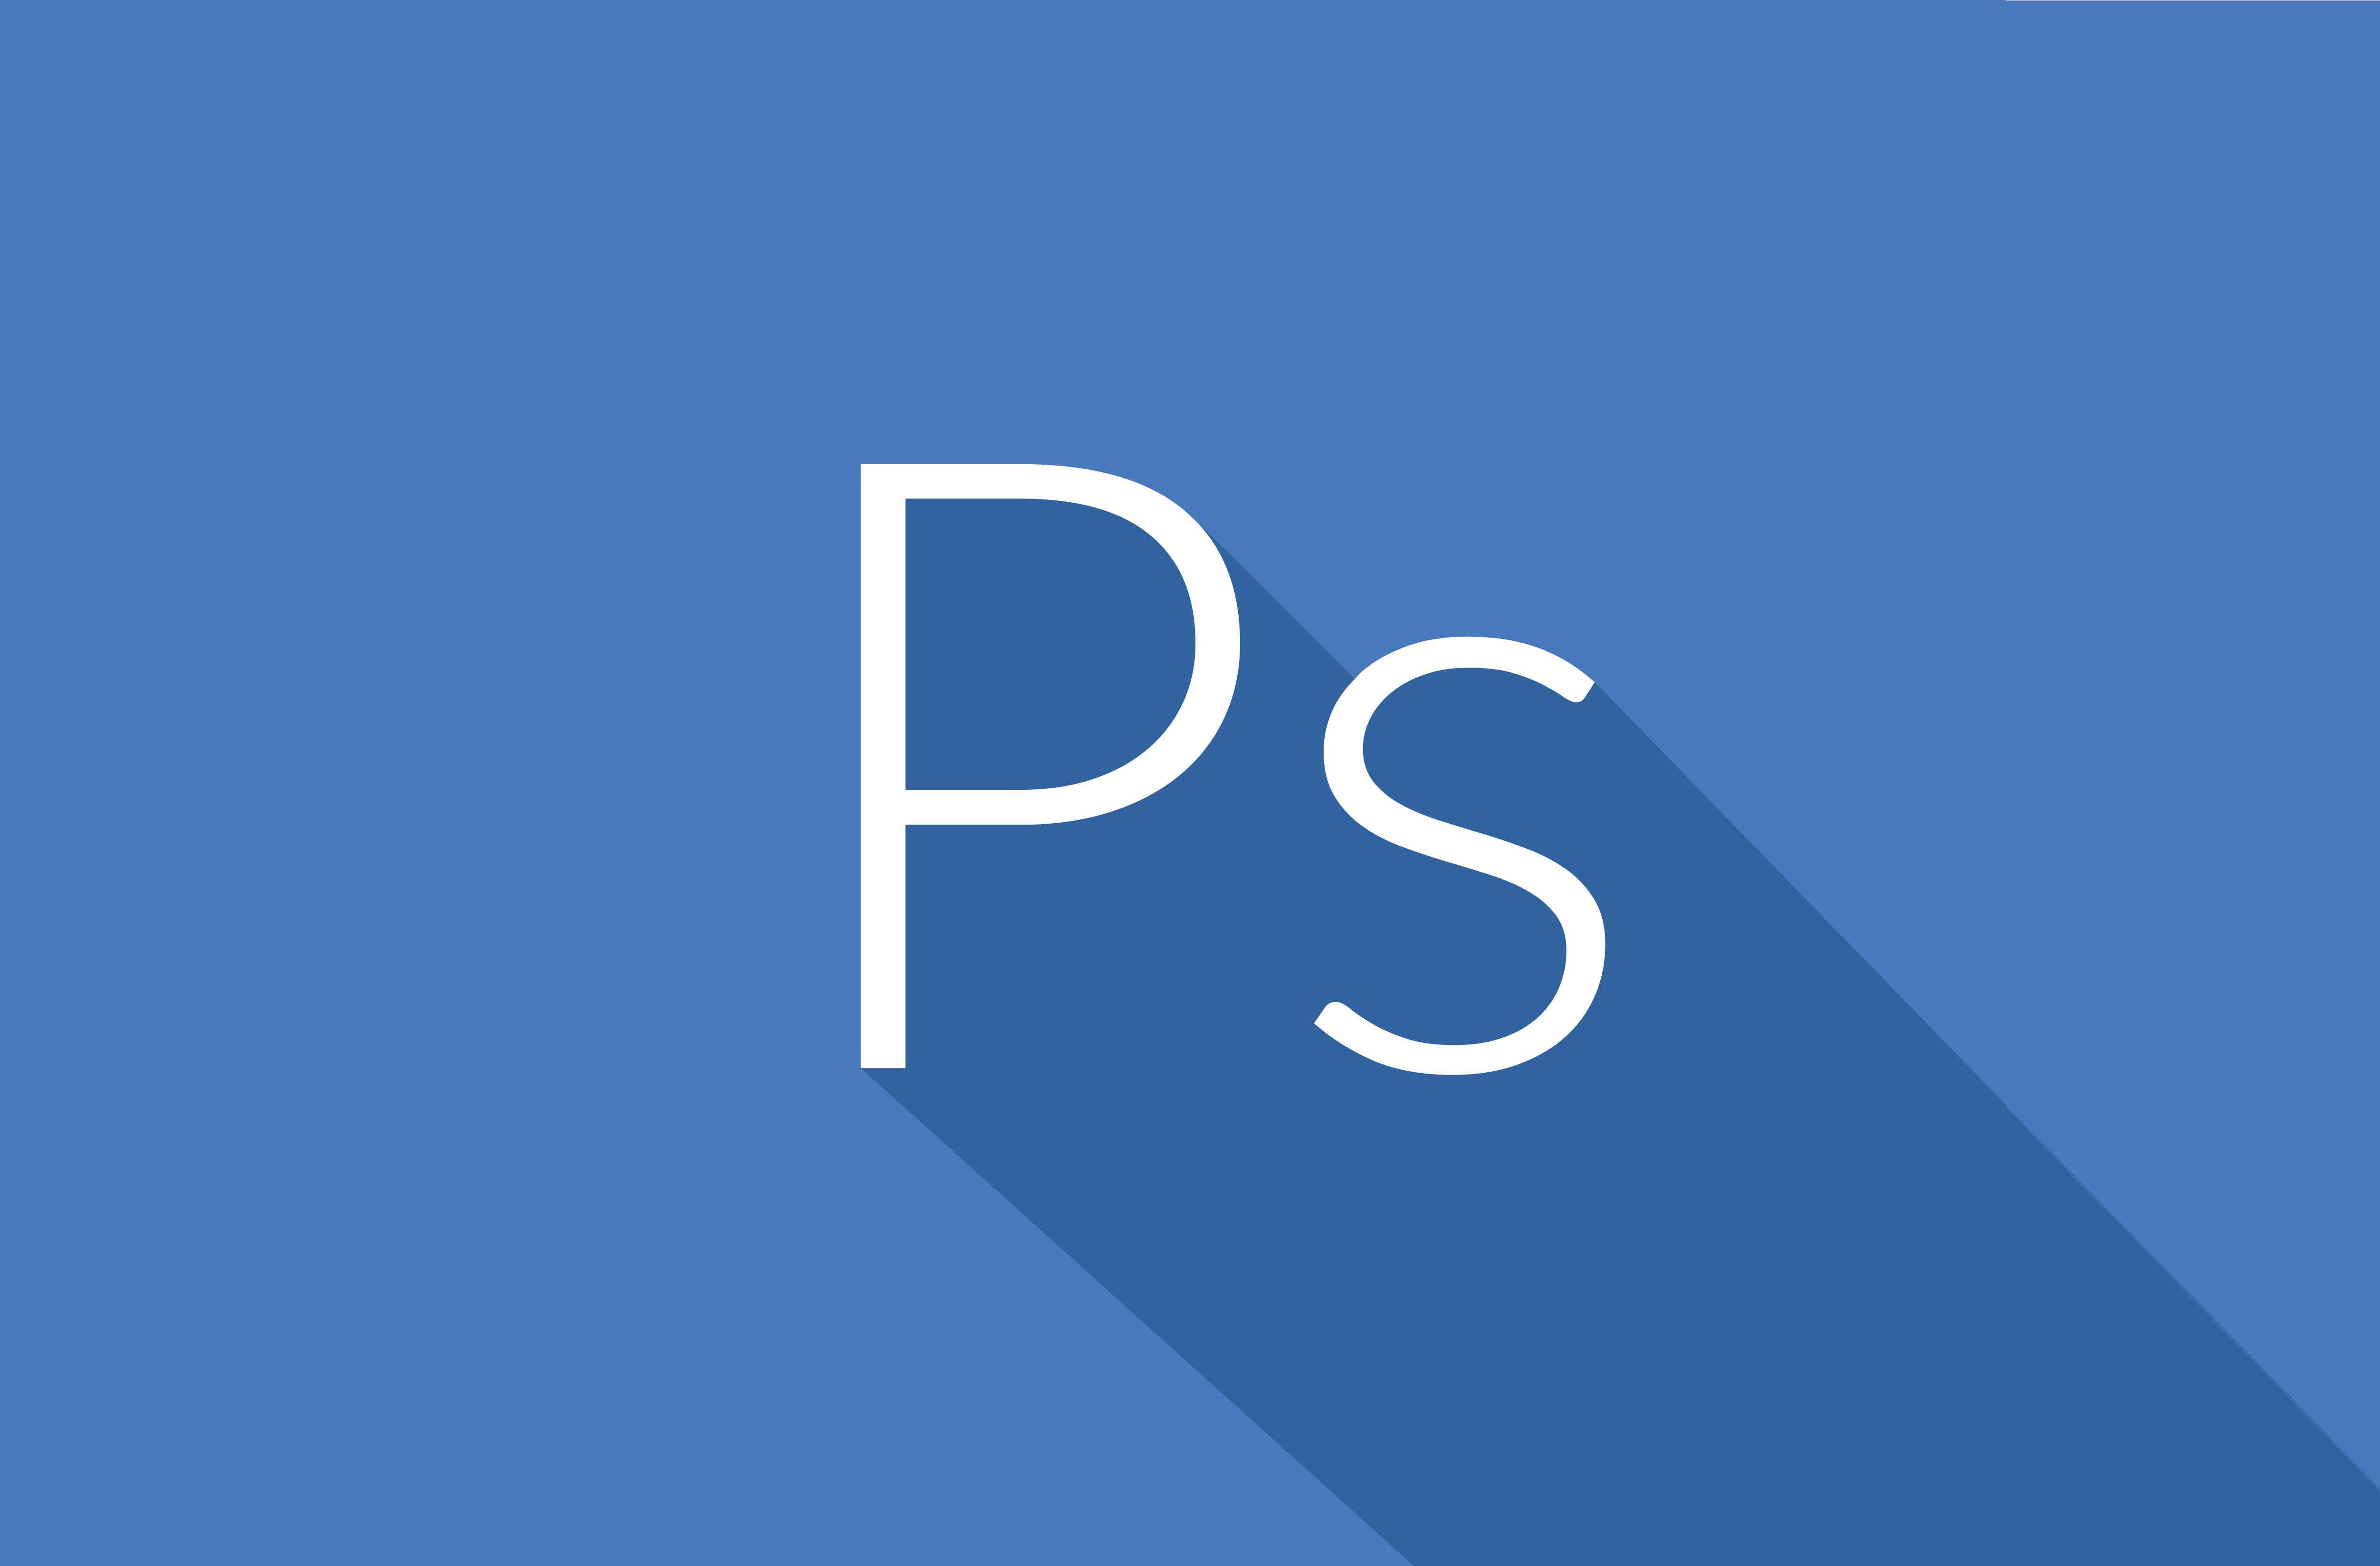 Photoshop Backgrounds, Compatible - PC, Mobile, Gadgets| 5067x3333 px